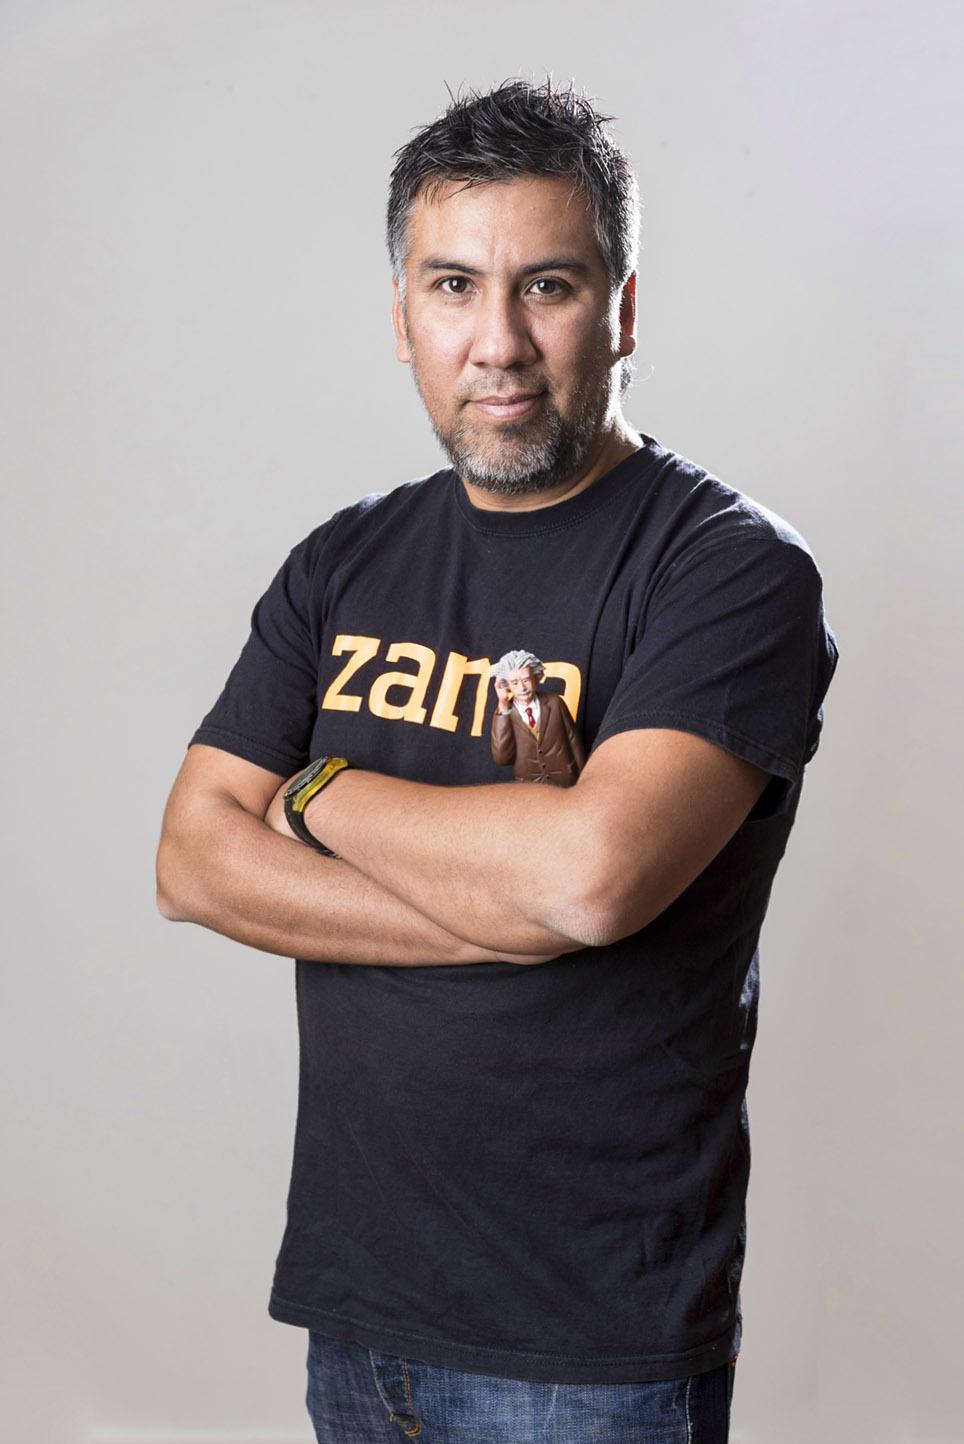 Fotografias para la agencia Zama, retratos y espacios de su oficina para la pagina web. 2017